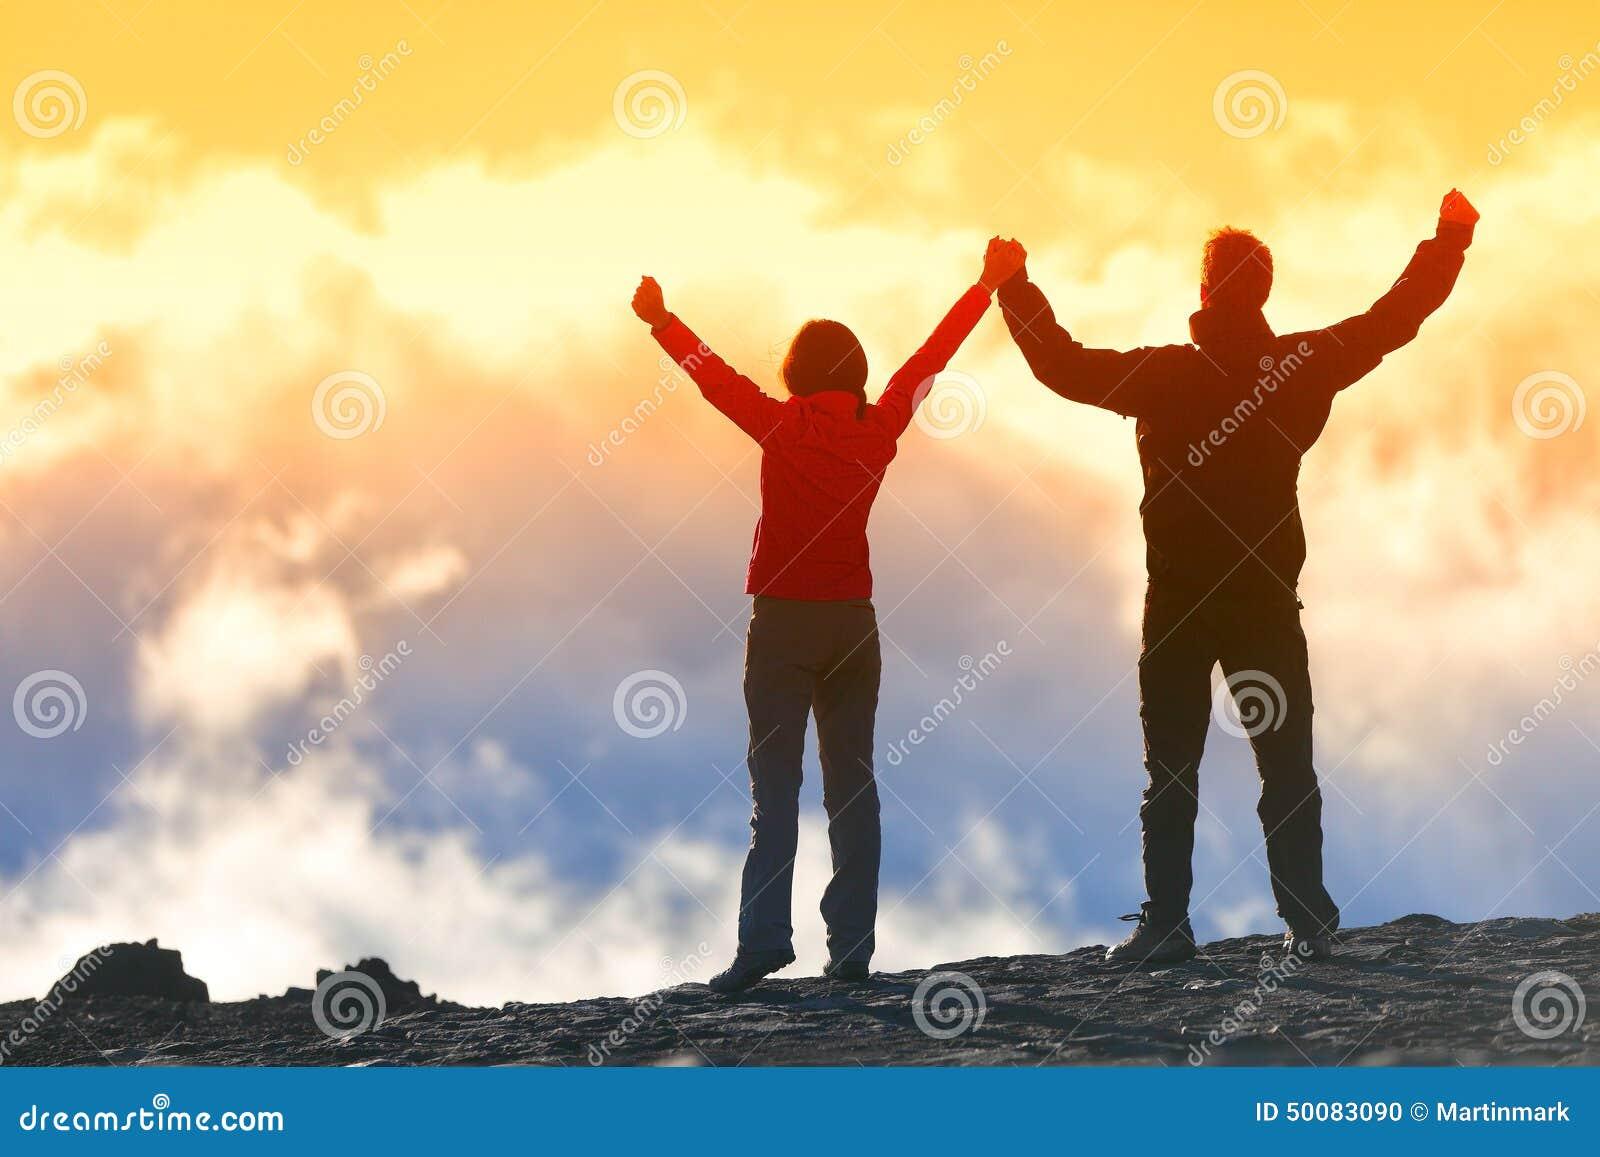 Szczęśliwi zwycięzcy dosięga życie cel - sukcesów ludzie